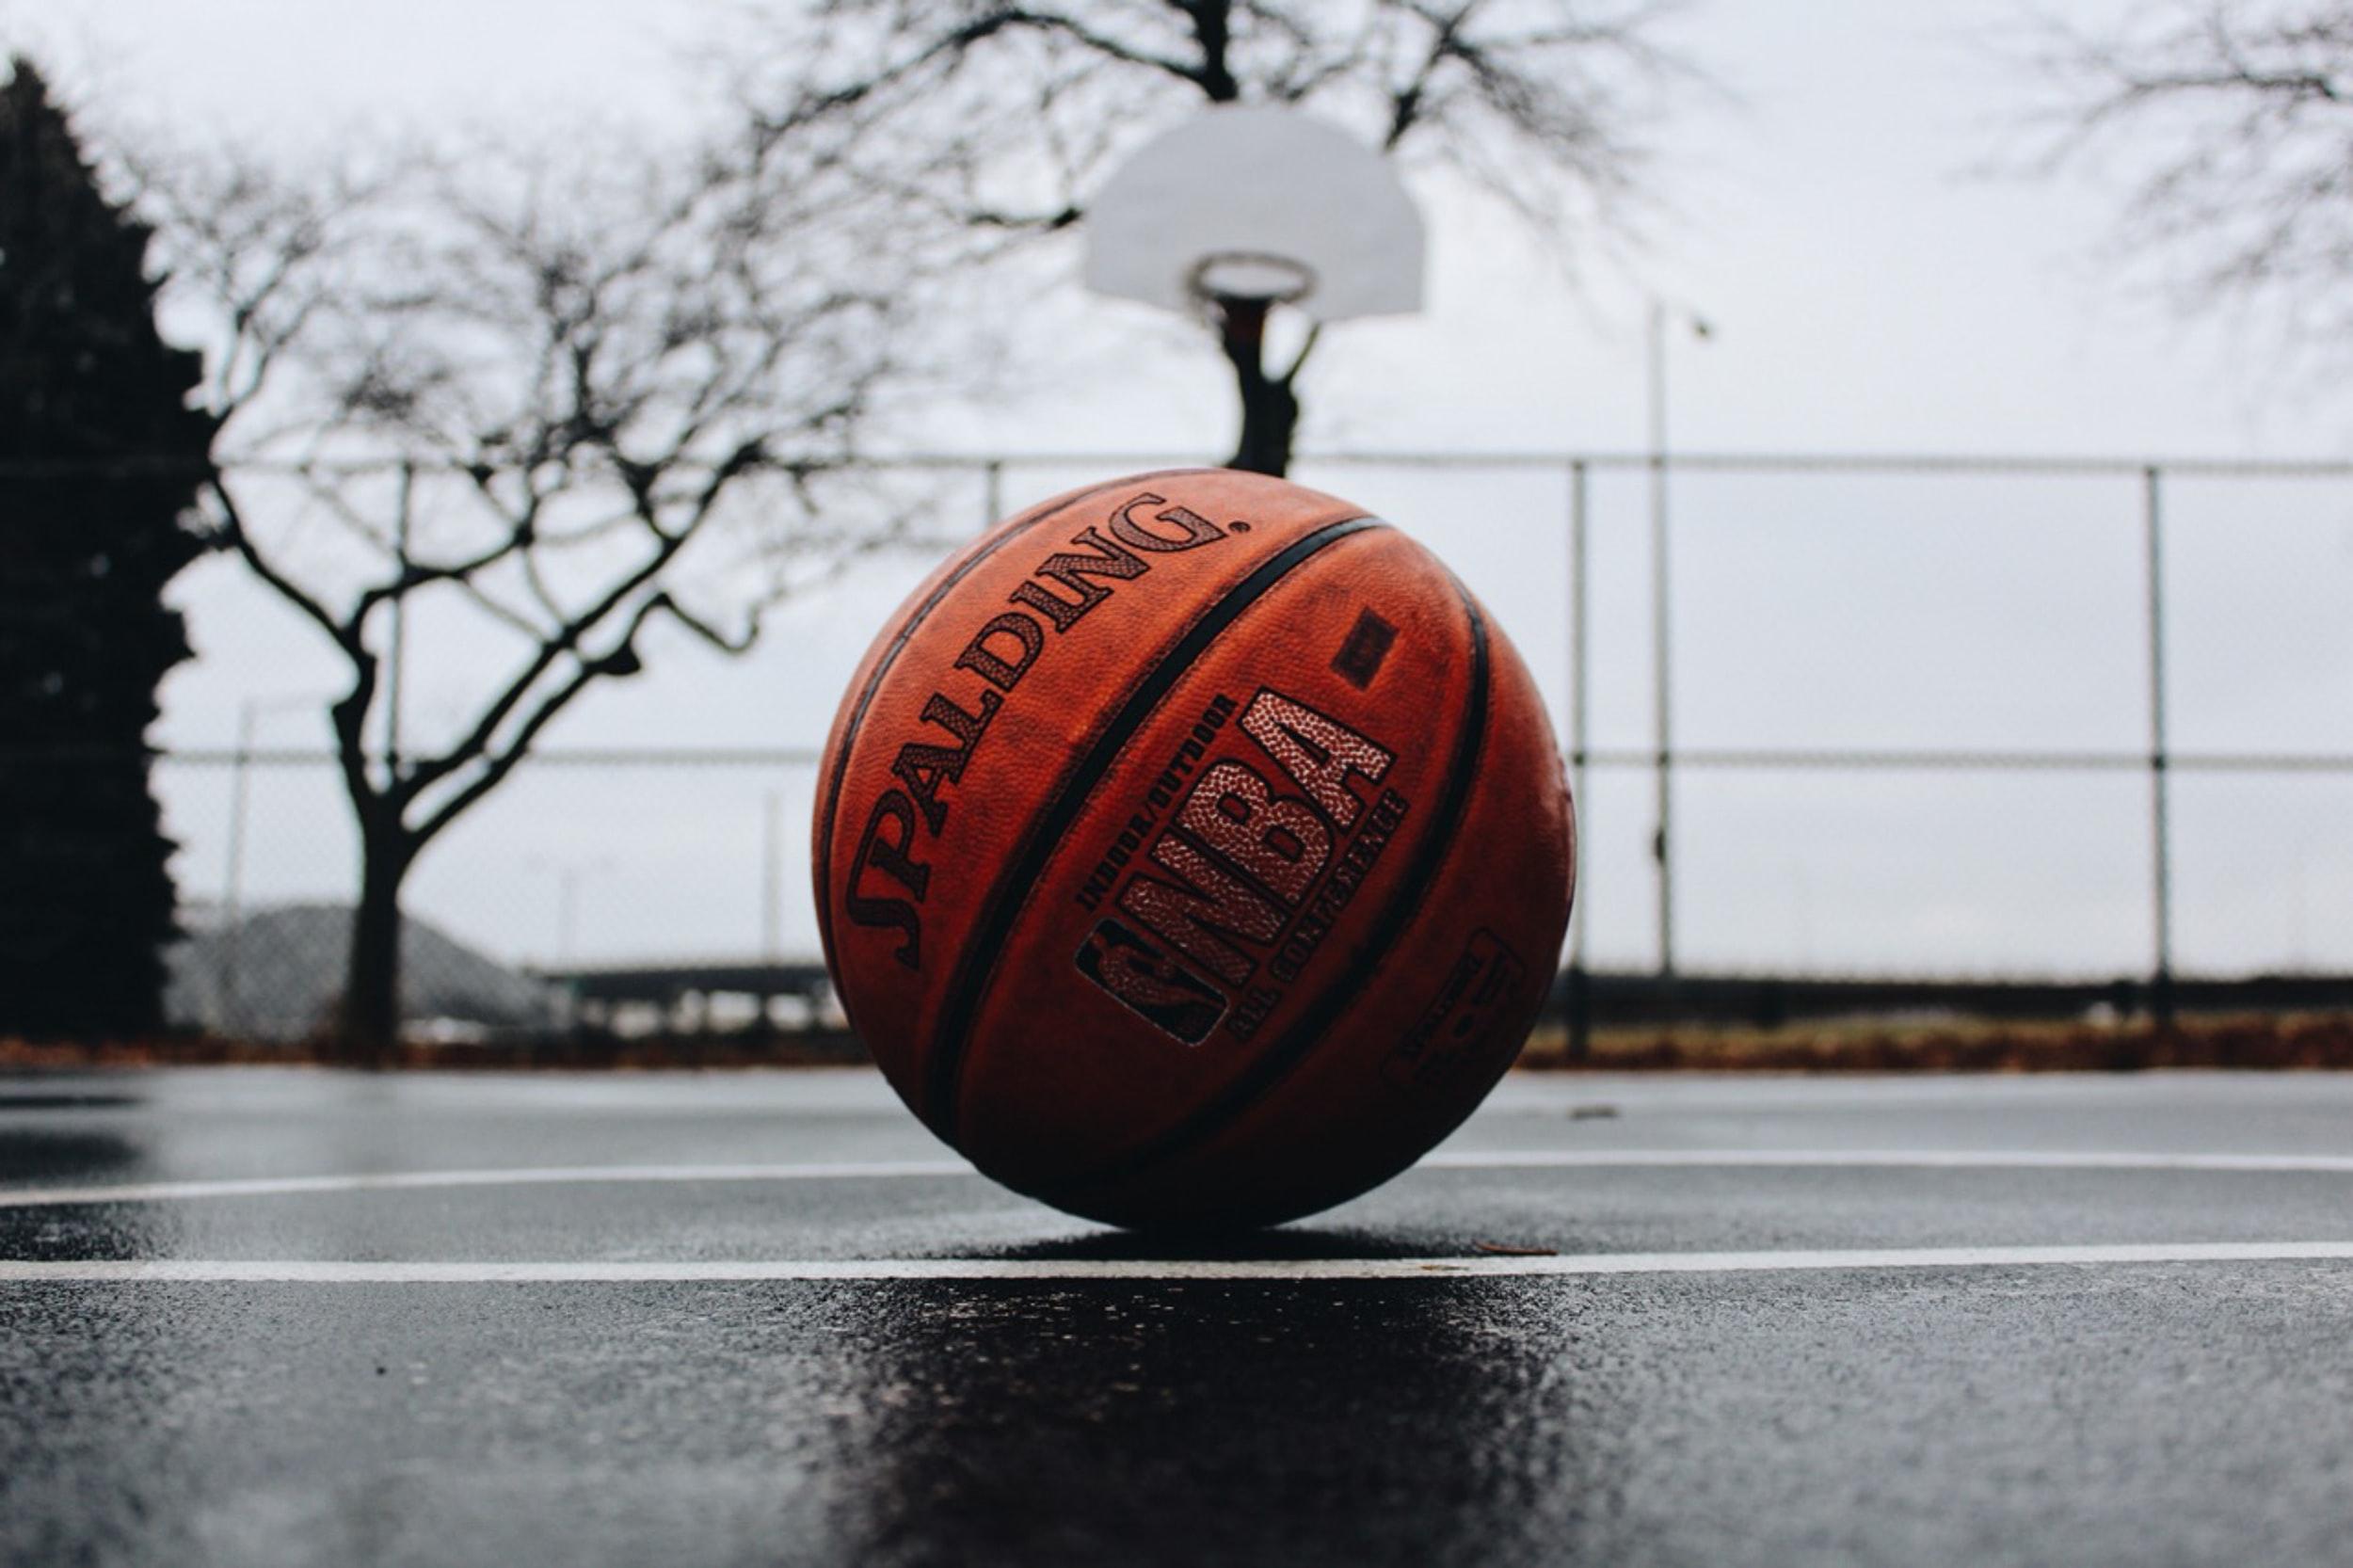 🏀 Ne tiľky basketbol: Golden State Warriors vypustyv kolekciju NFT